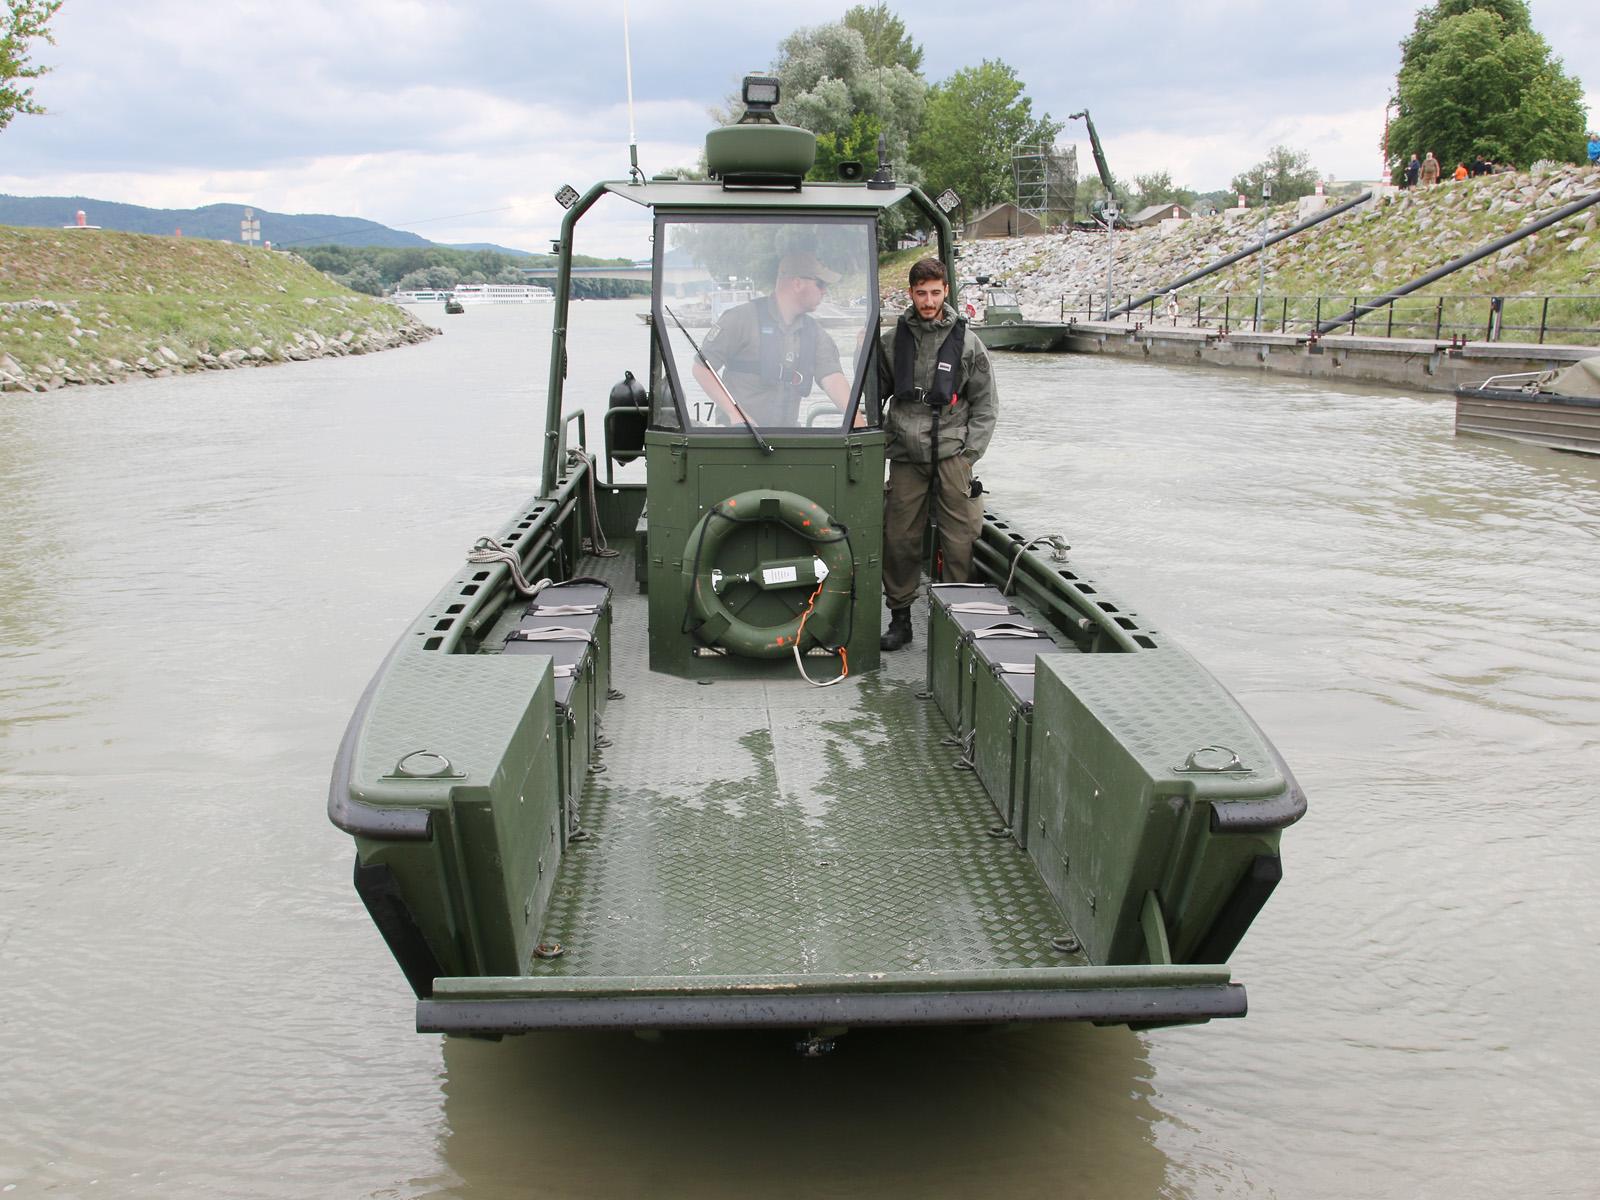 Bugklappe des Arbeits- und Transportboots © Doppeladler.com